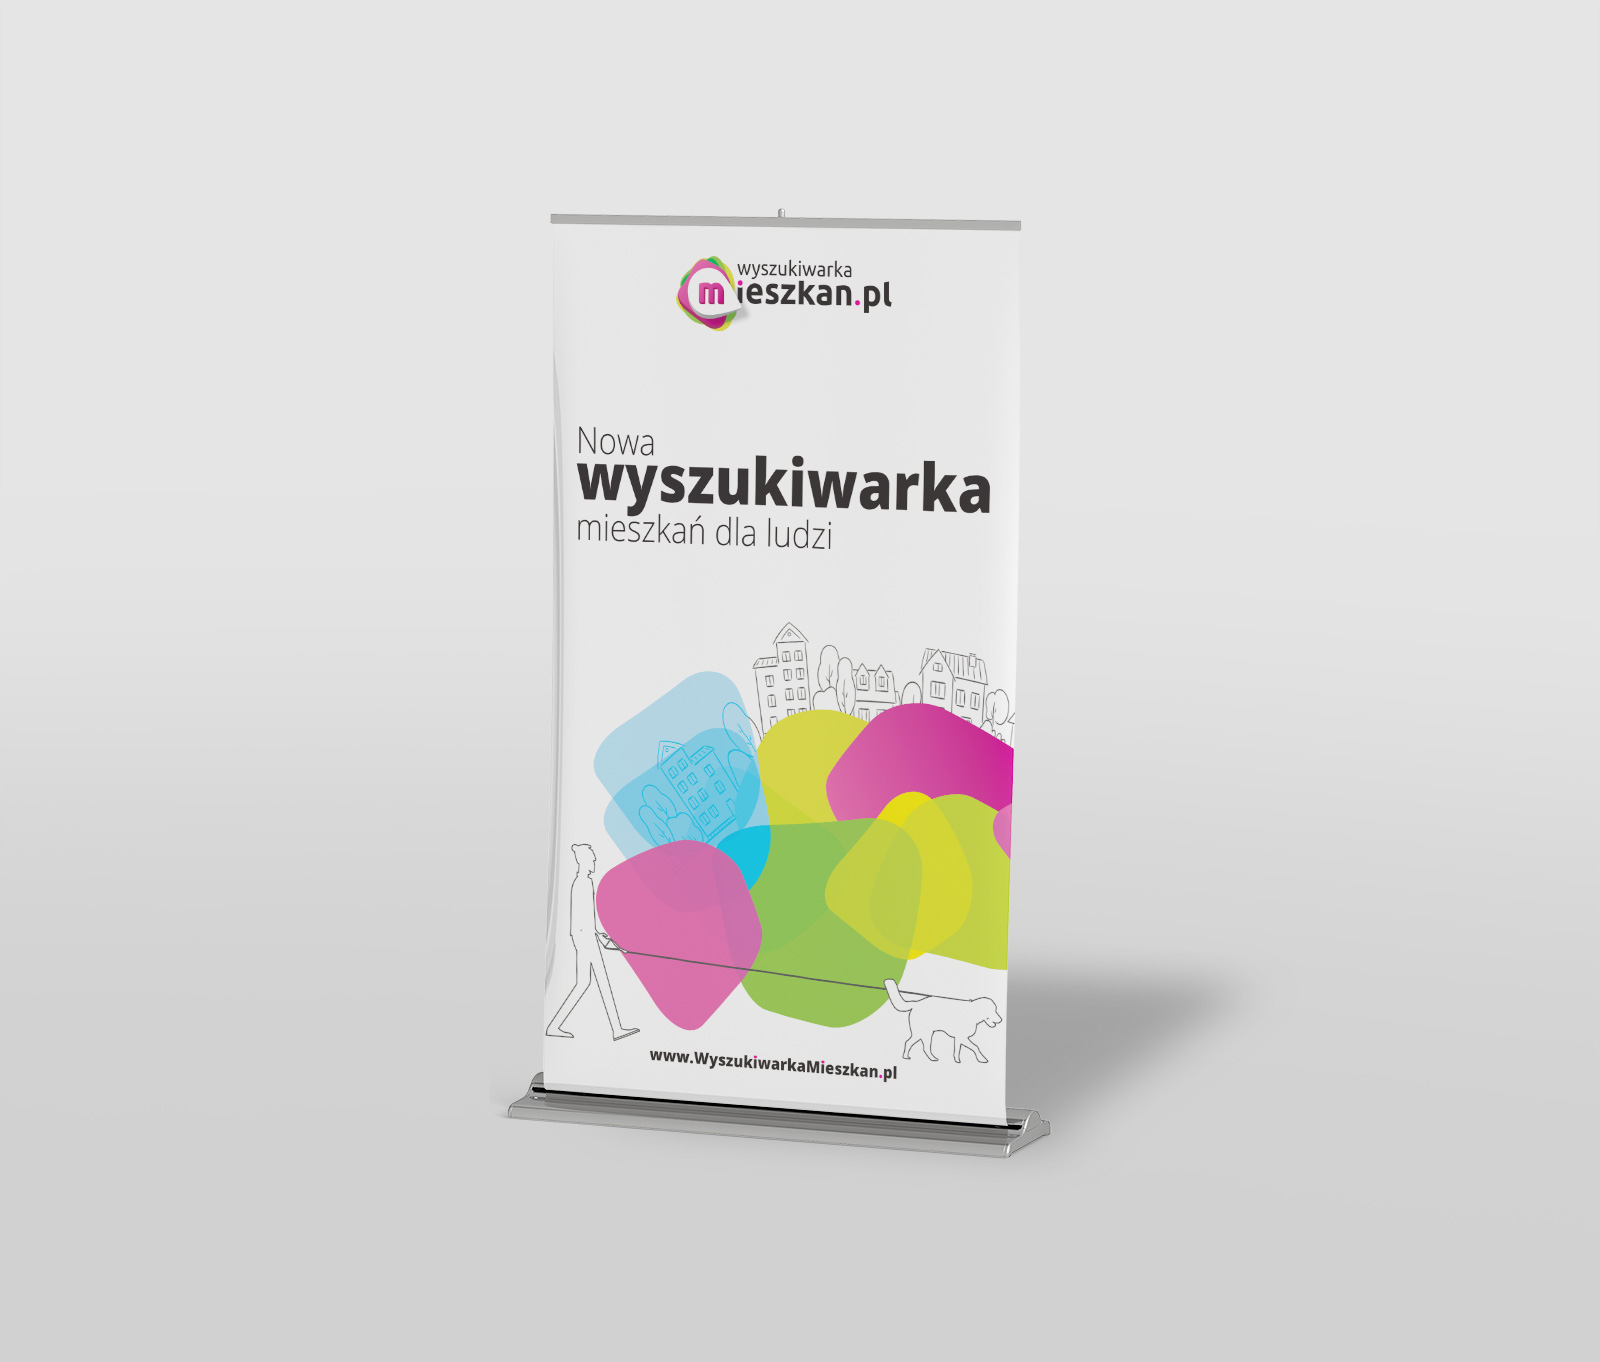 Wyszukiwarka Mieszkan - rollup reklamowy - projekt